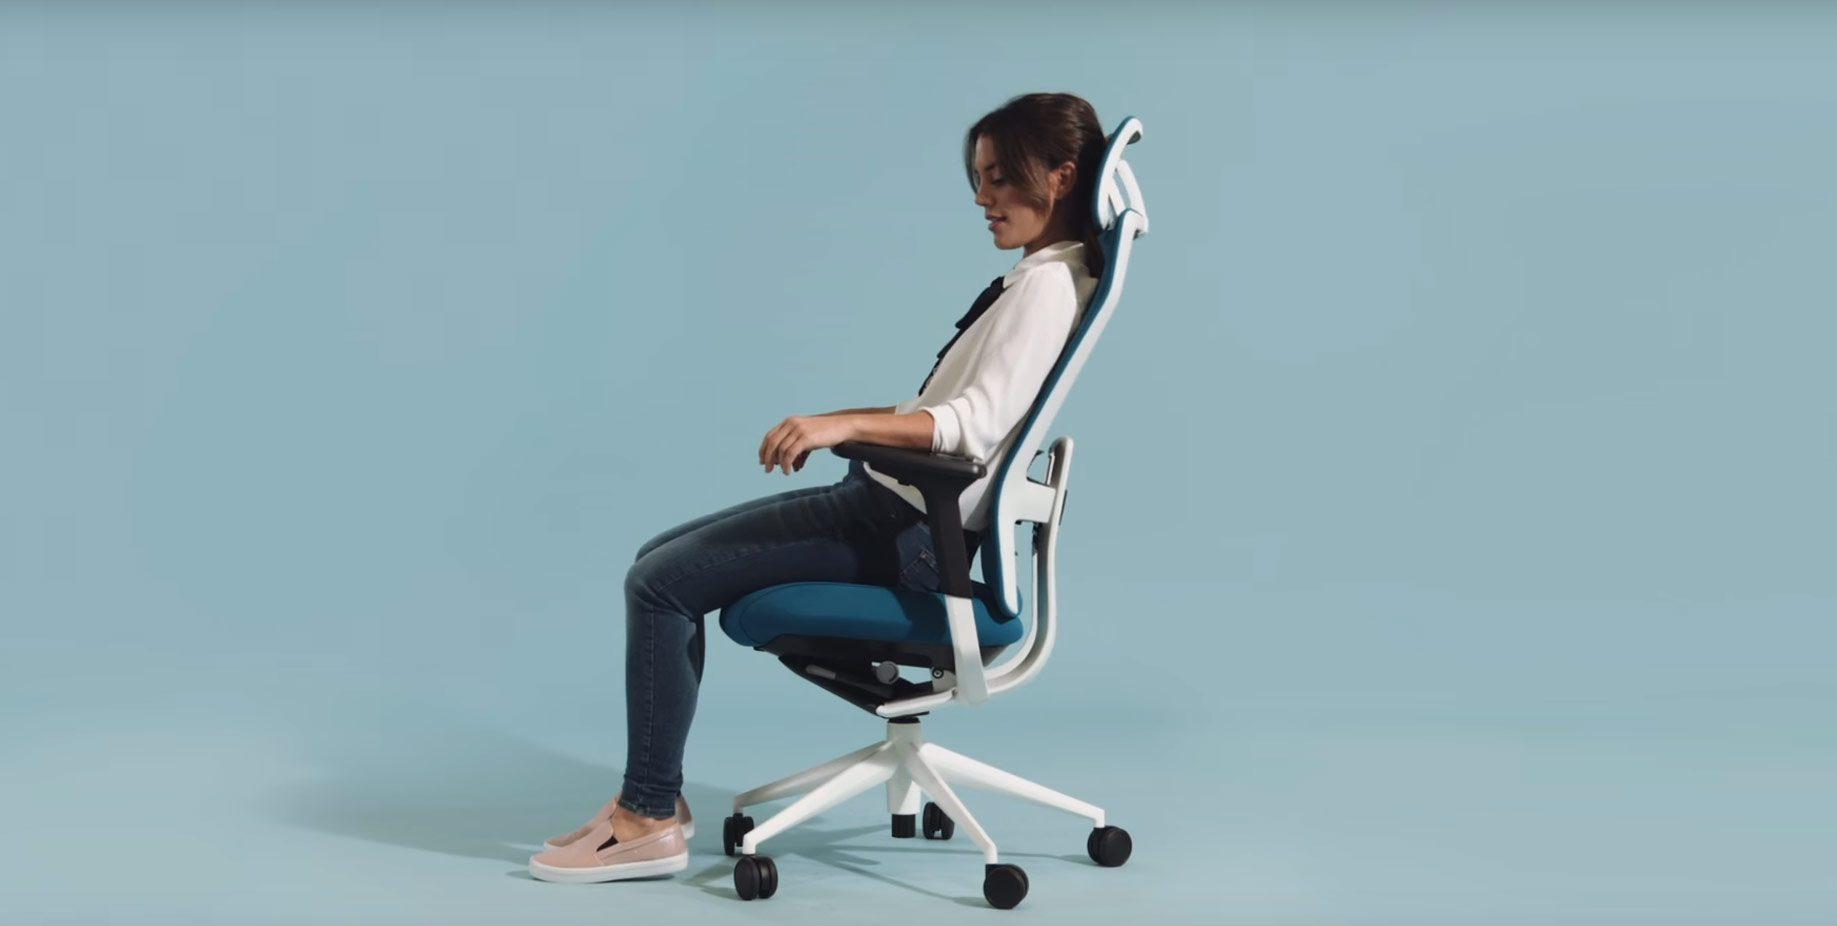 Cundo utilizar sillas de oficina reclinables